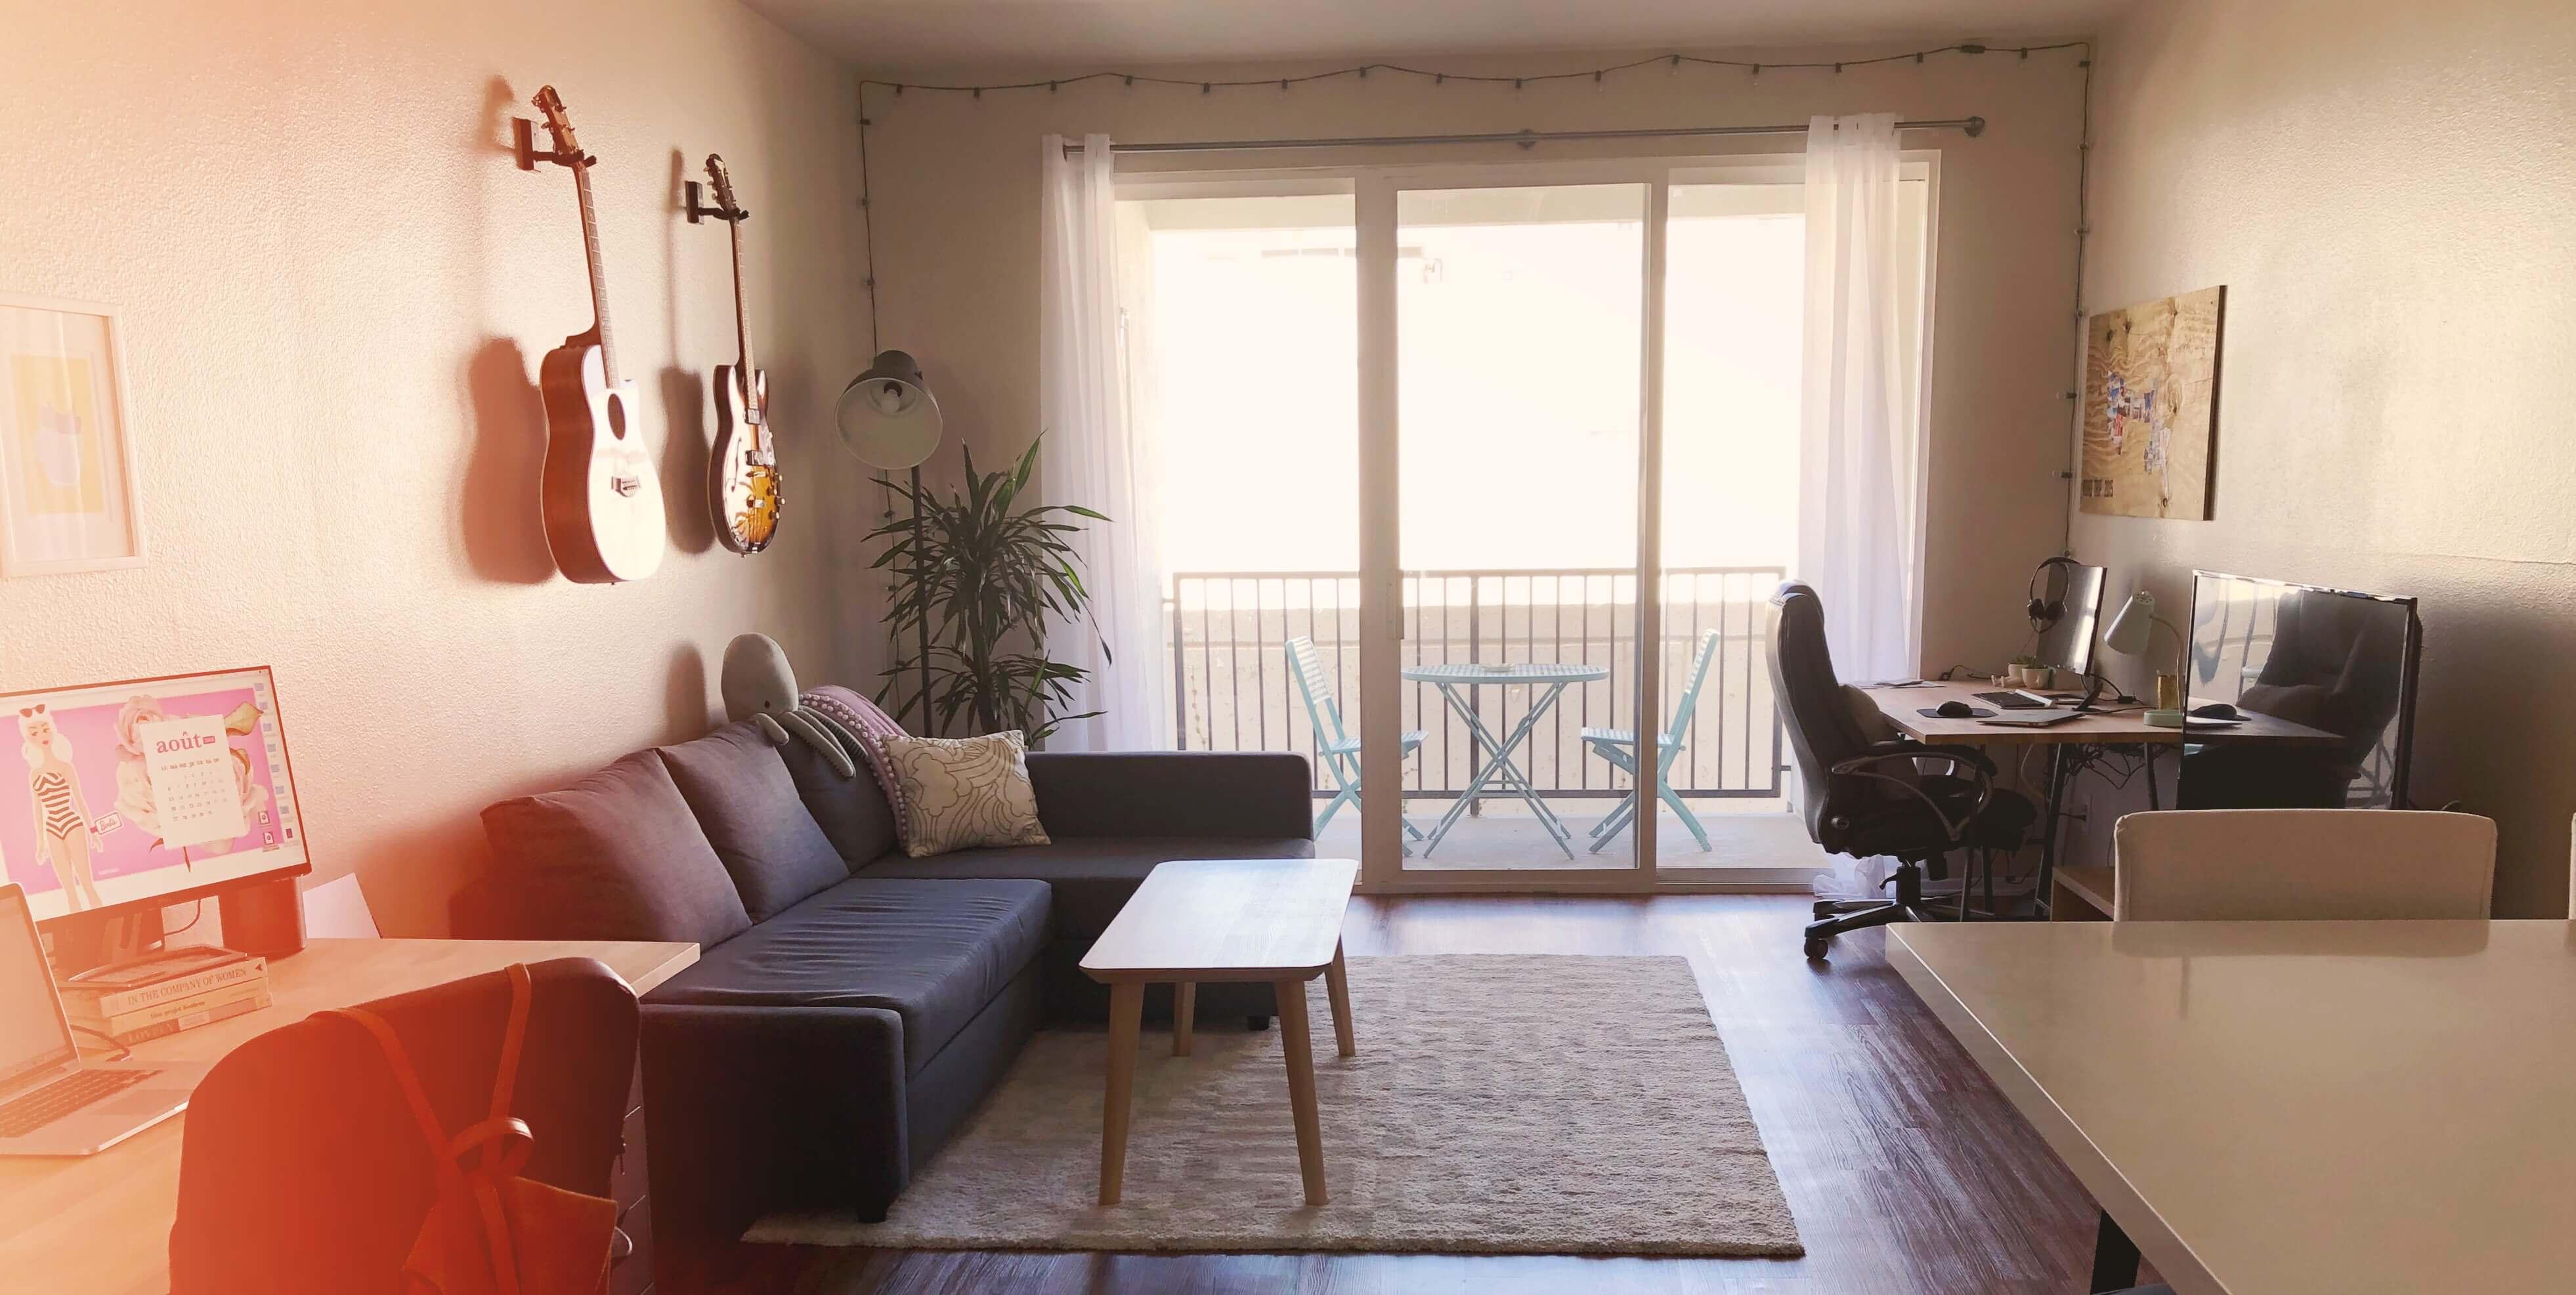 Goodie Mood - Apartment Tour - salon